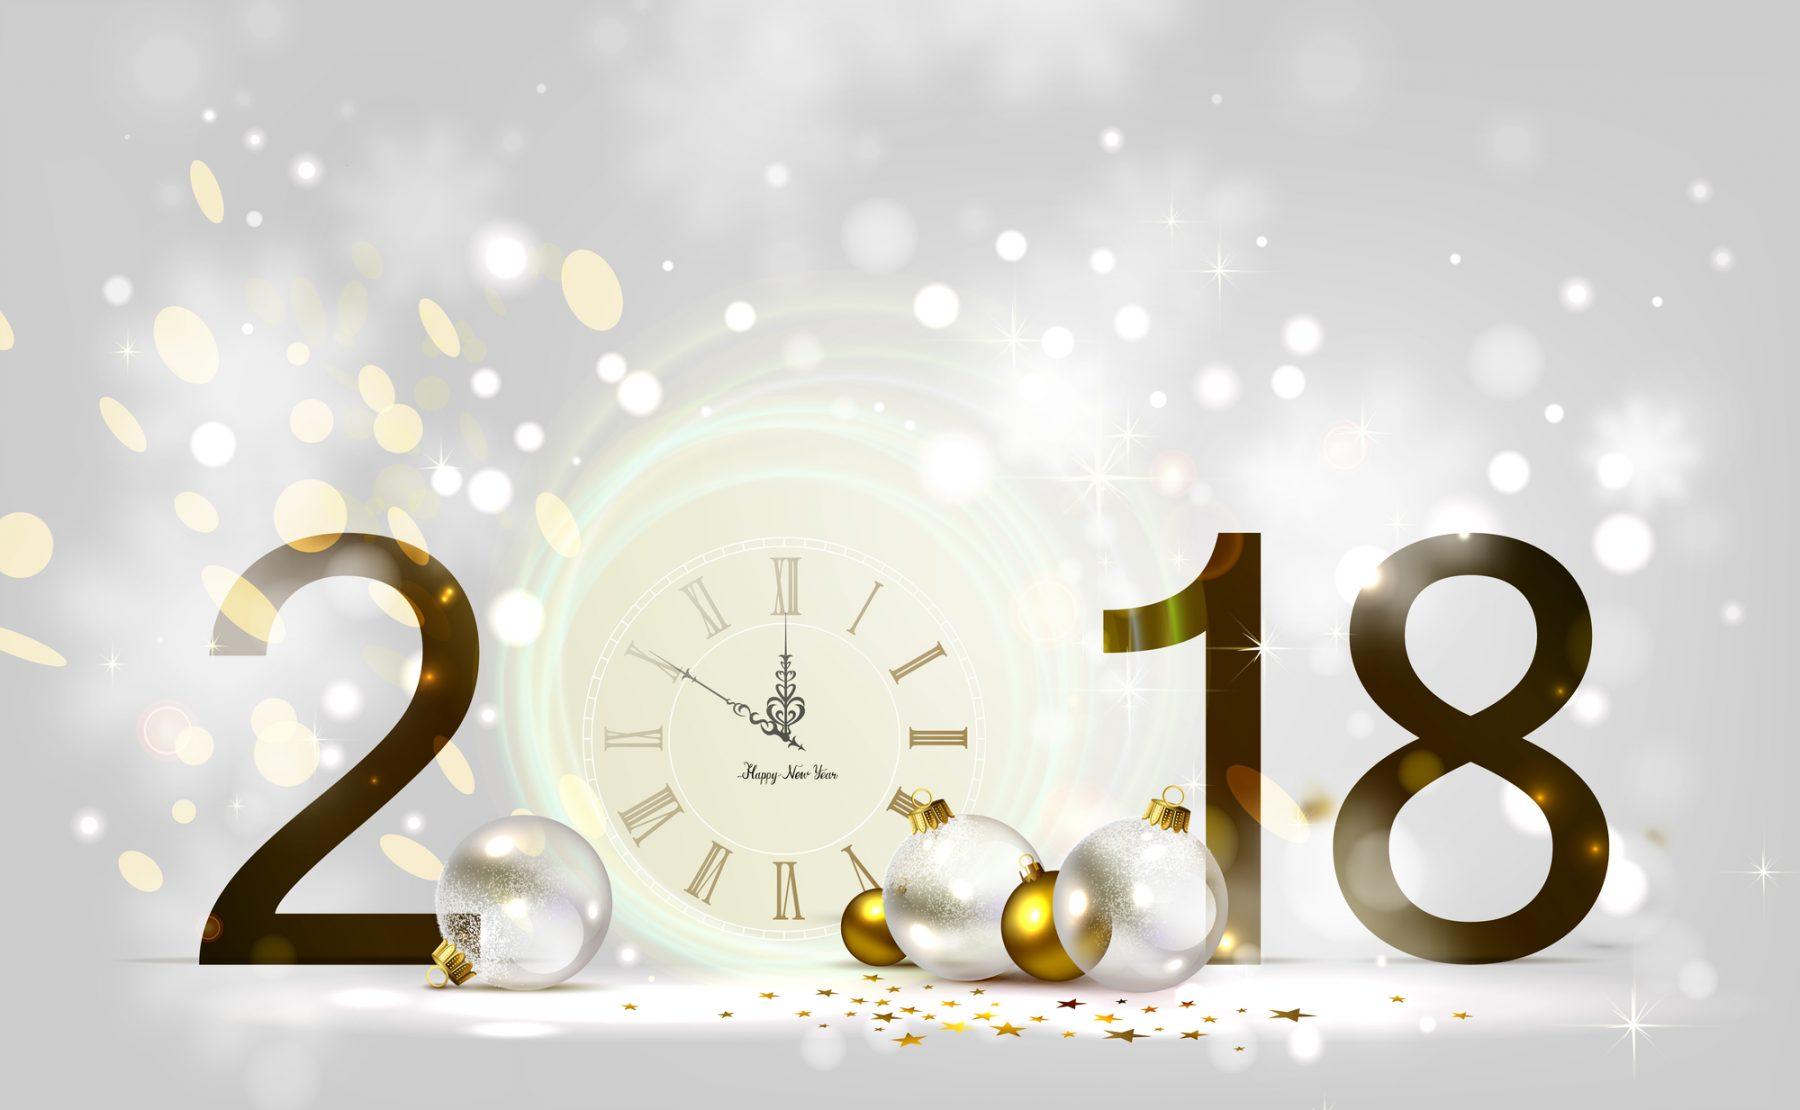 Лучшие тосты на Новый год 2019 с стихах и прозе